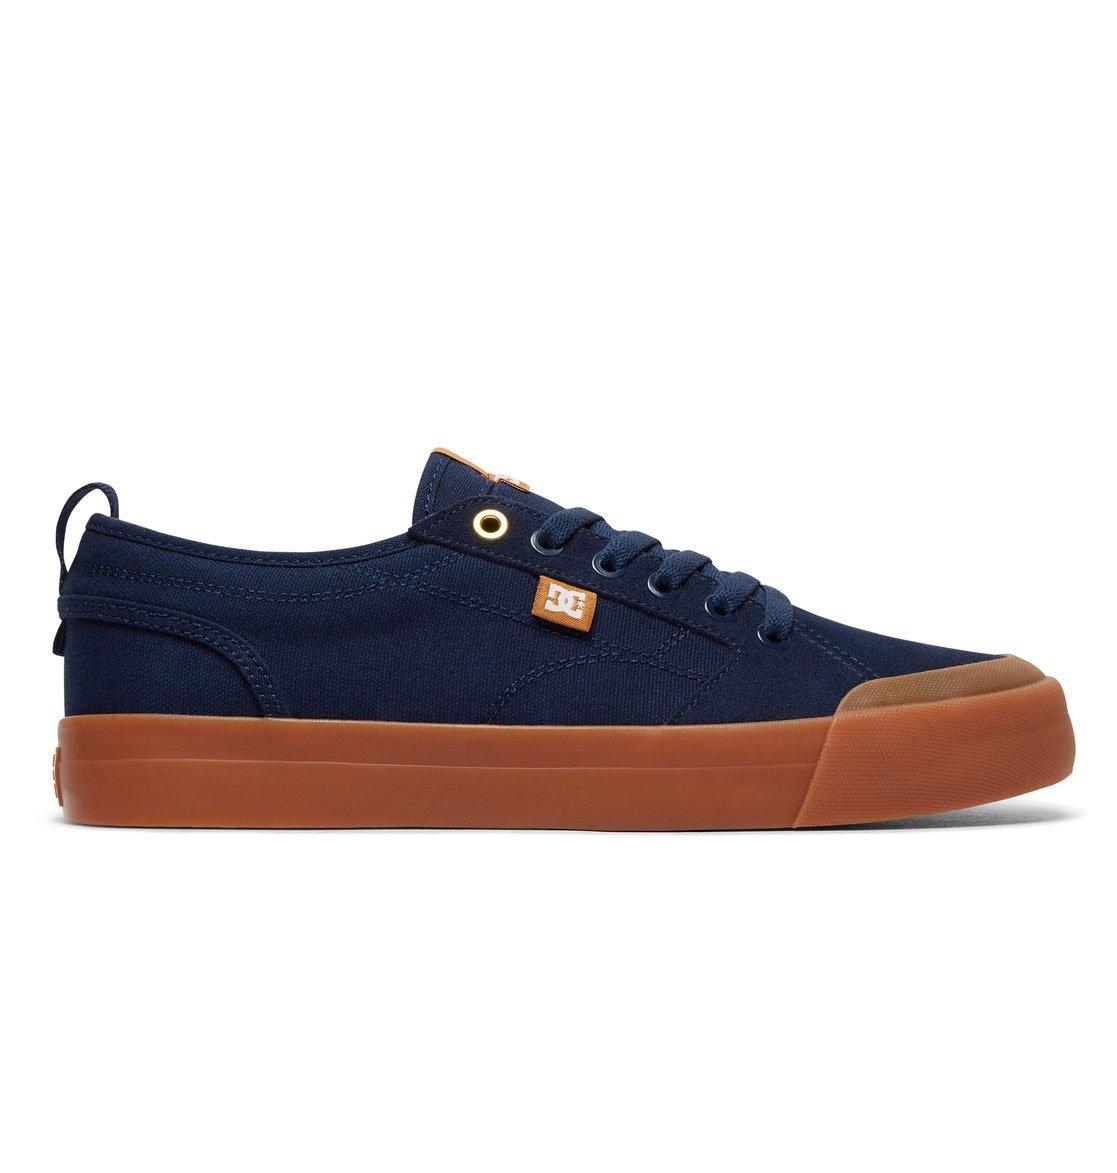 DC Men's Evan Smith TX Skate Shoe 10 D D US|Navy/Gum